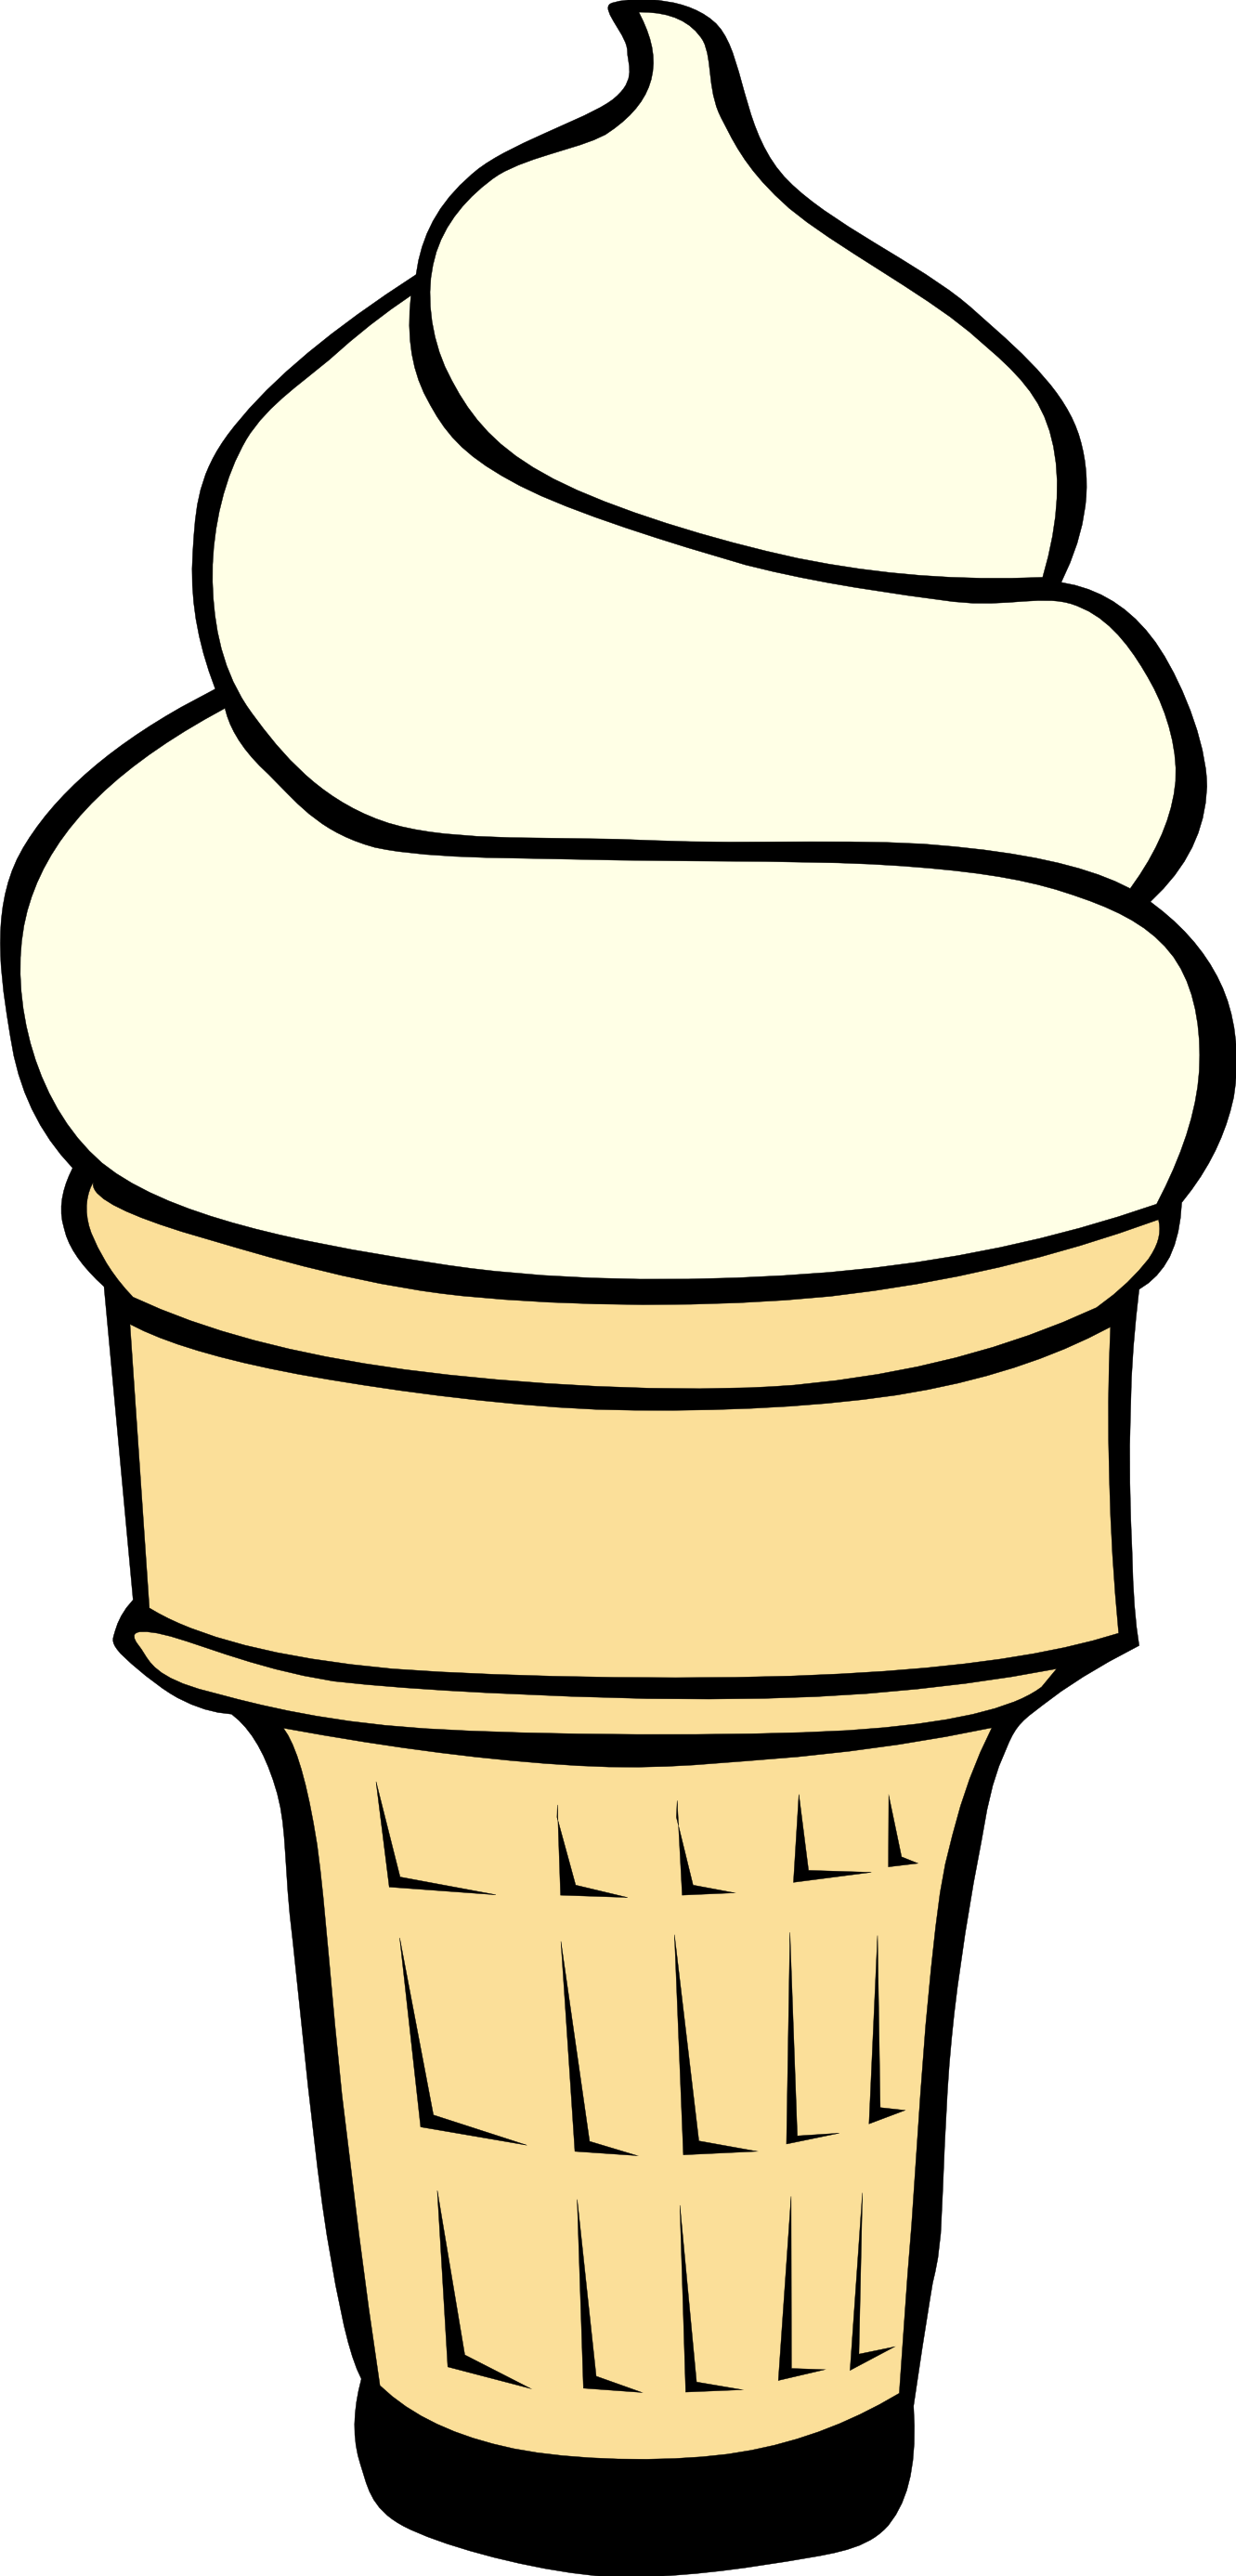 1331x2773 Ice Cream Cone Clipart Free Images 5